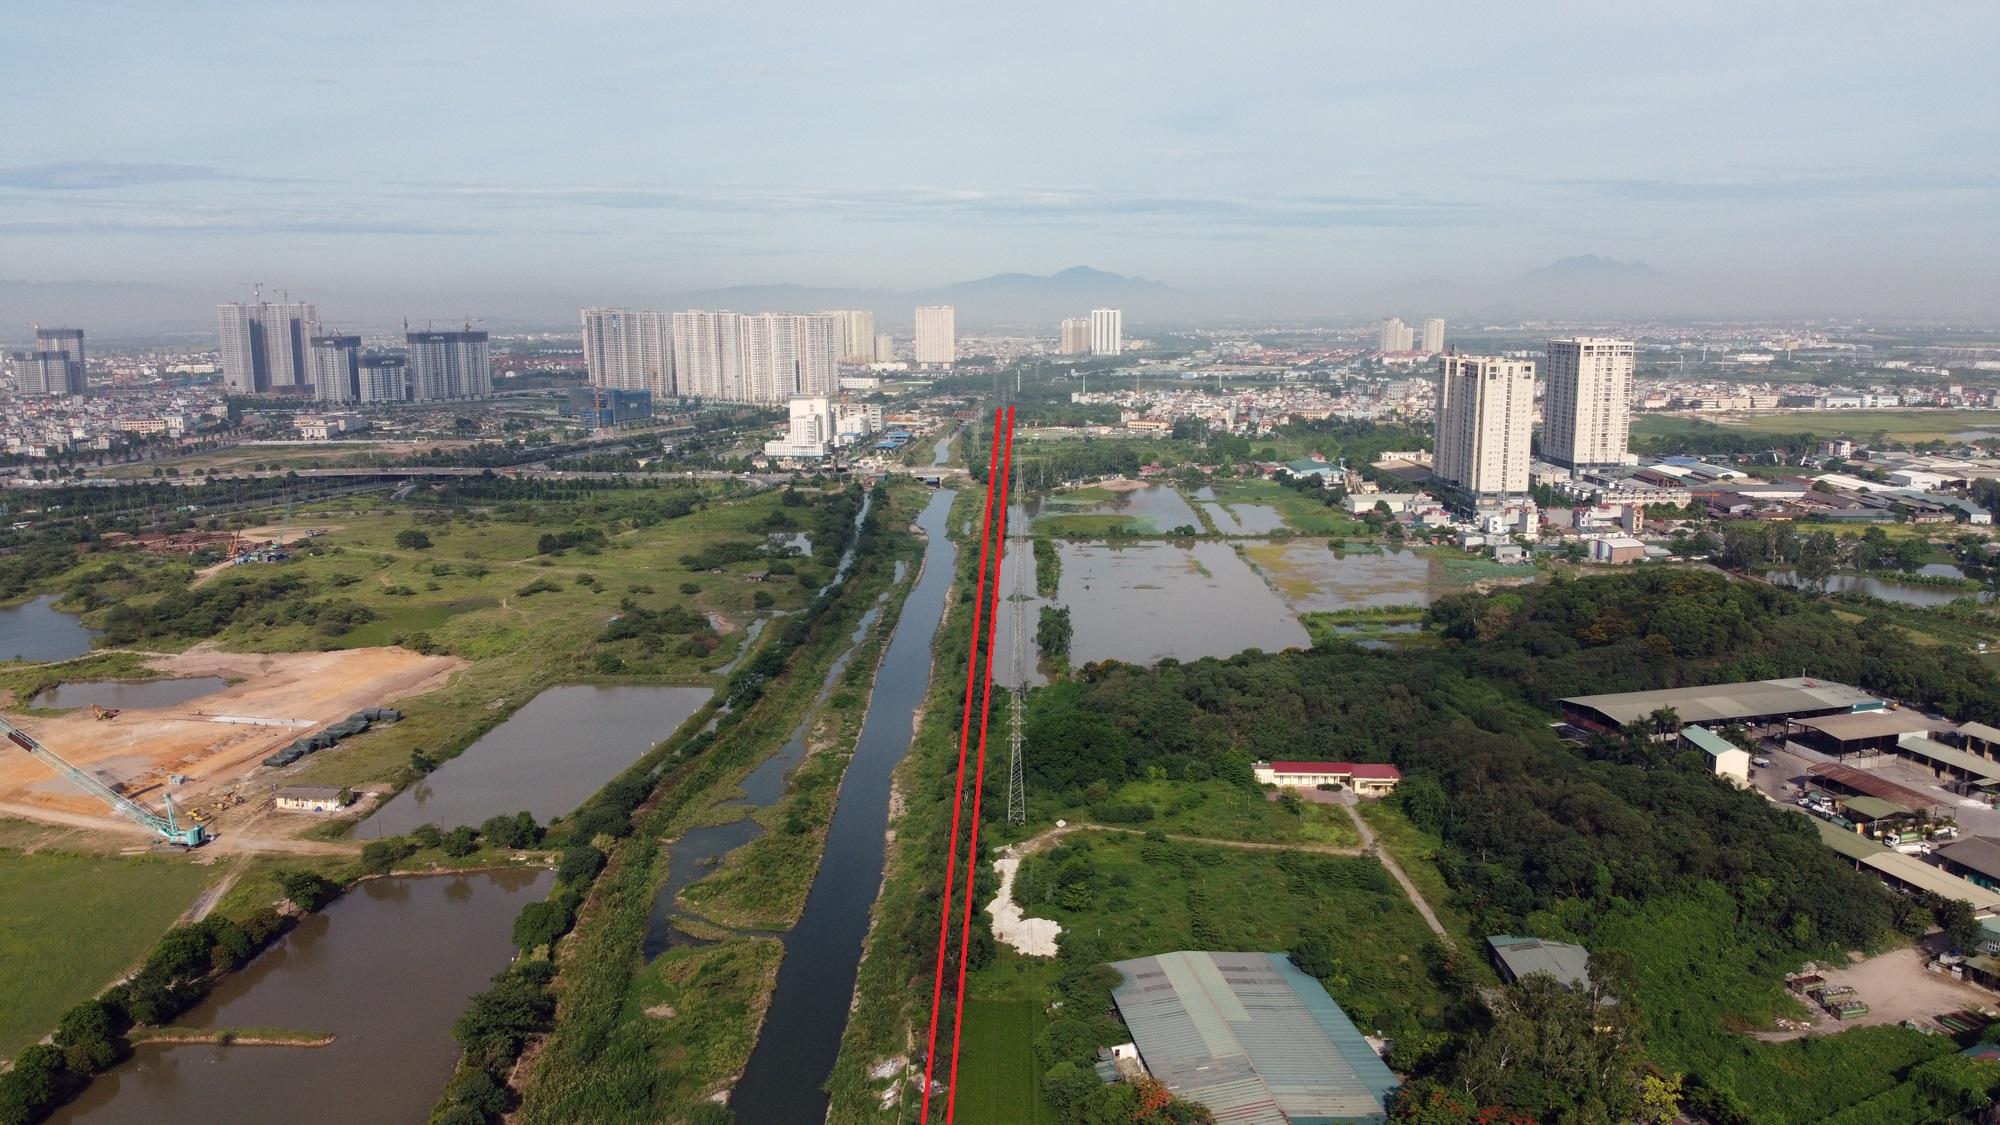 đường sẽ mở theo qui hoạch ở phường Tây Mỗ, Nam Từ Liêm, Hà Nội - Ảnh 4.